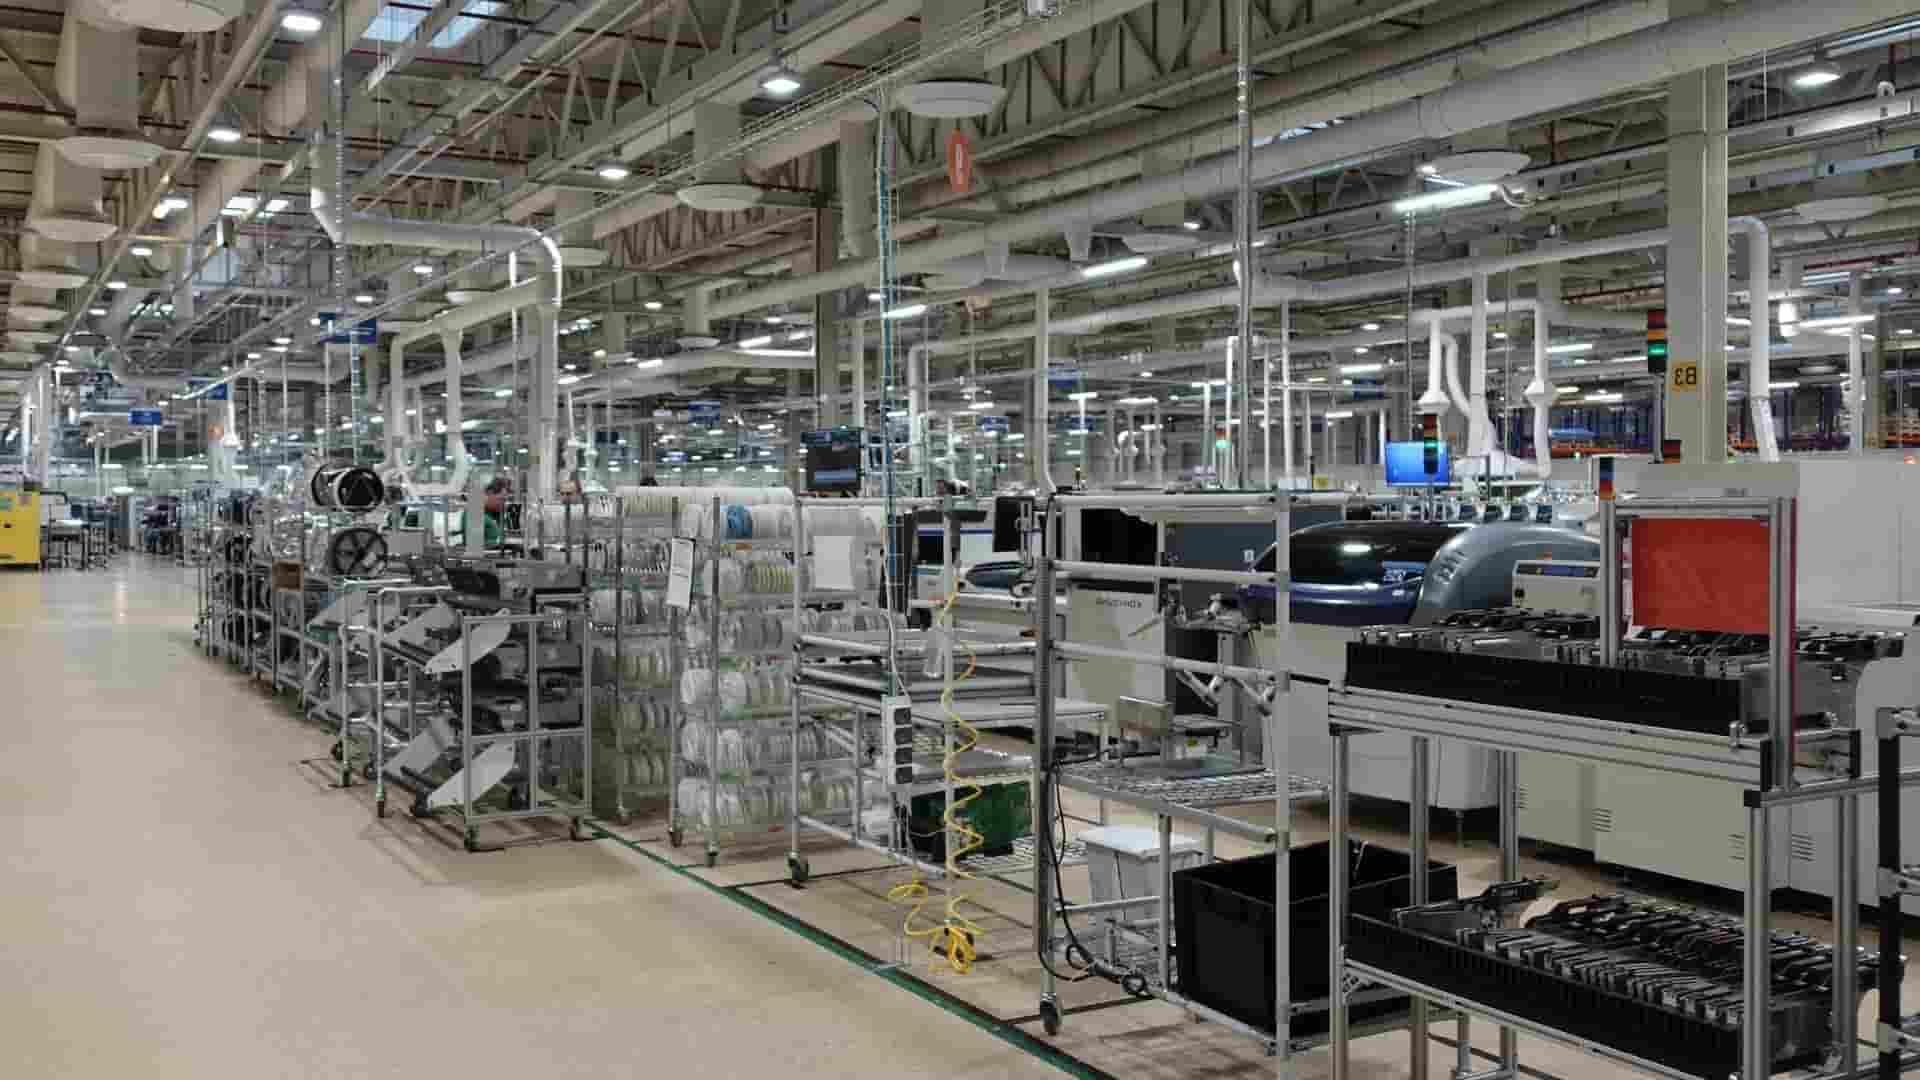 Фото процесса серийного производства в Китае - 2.